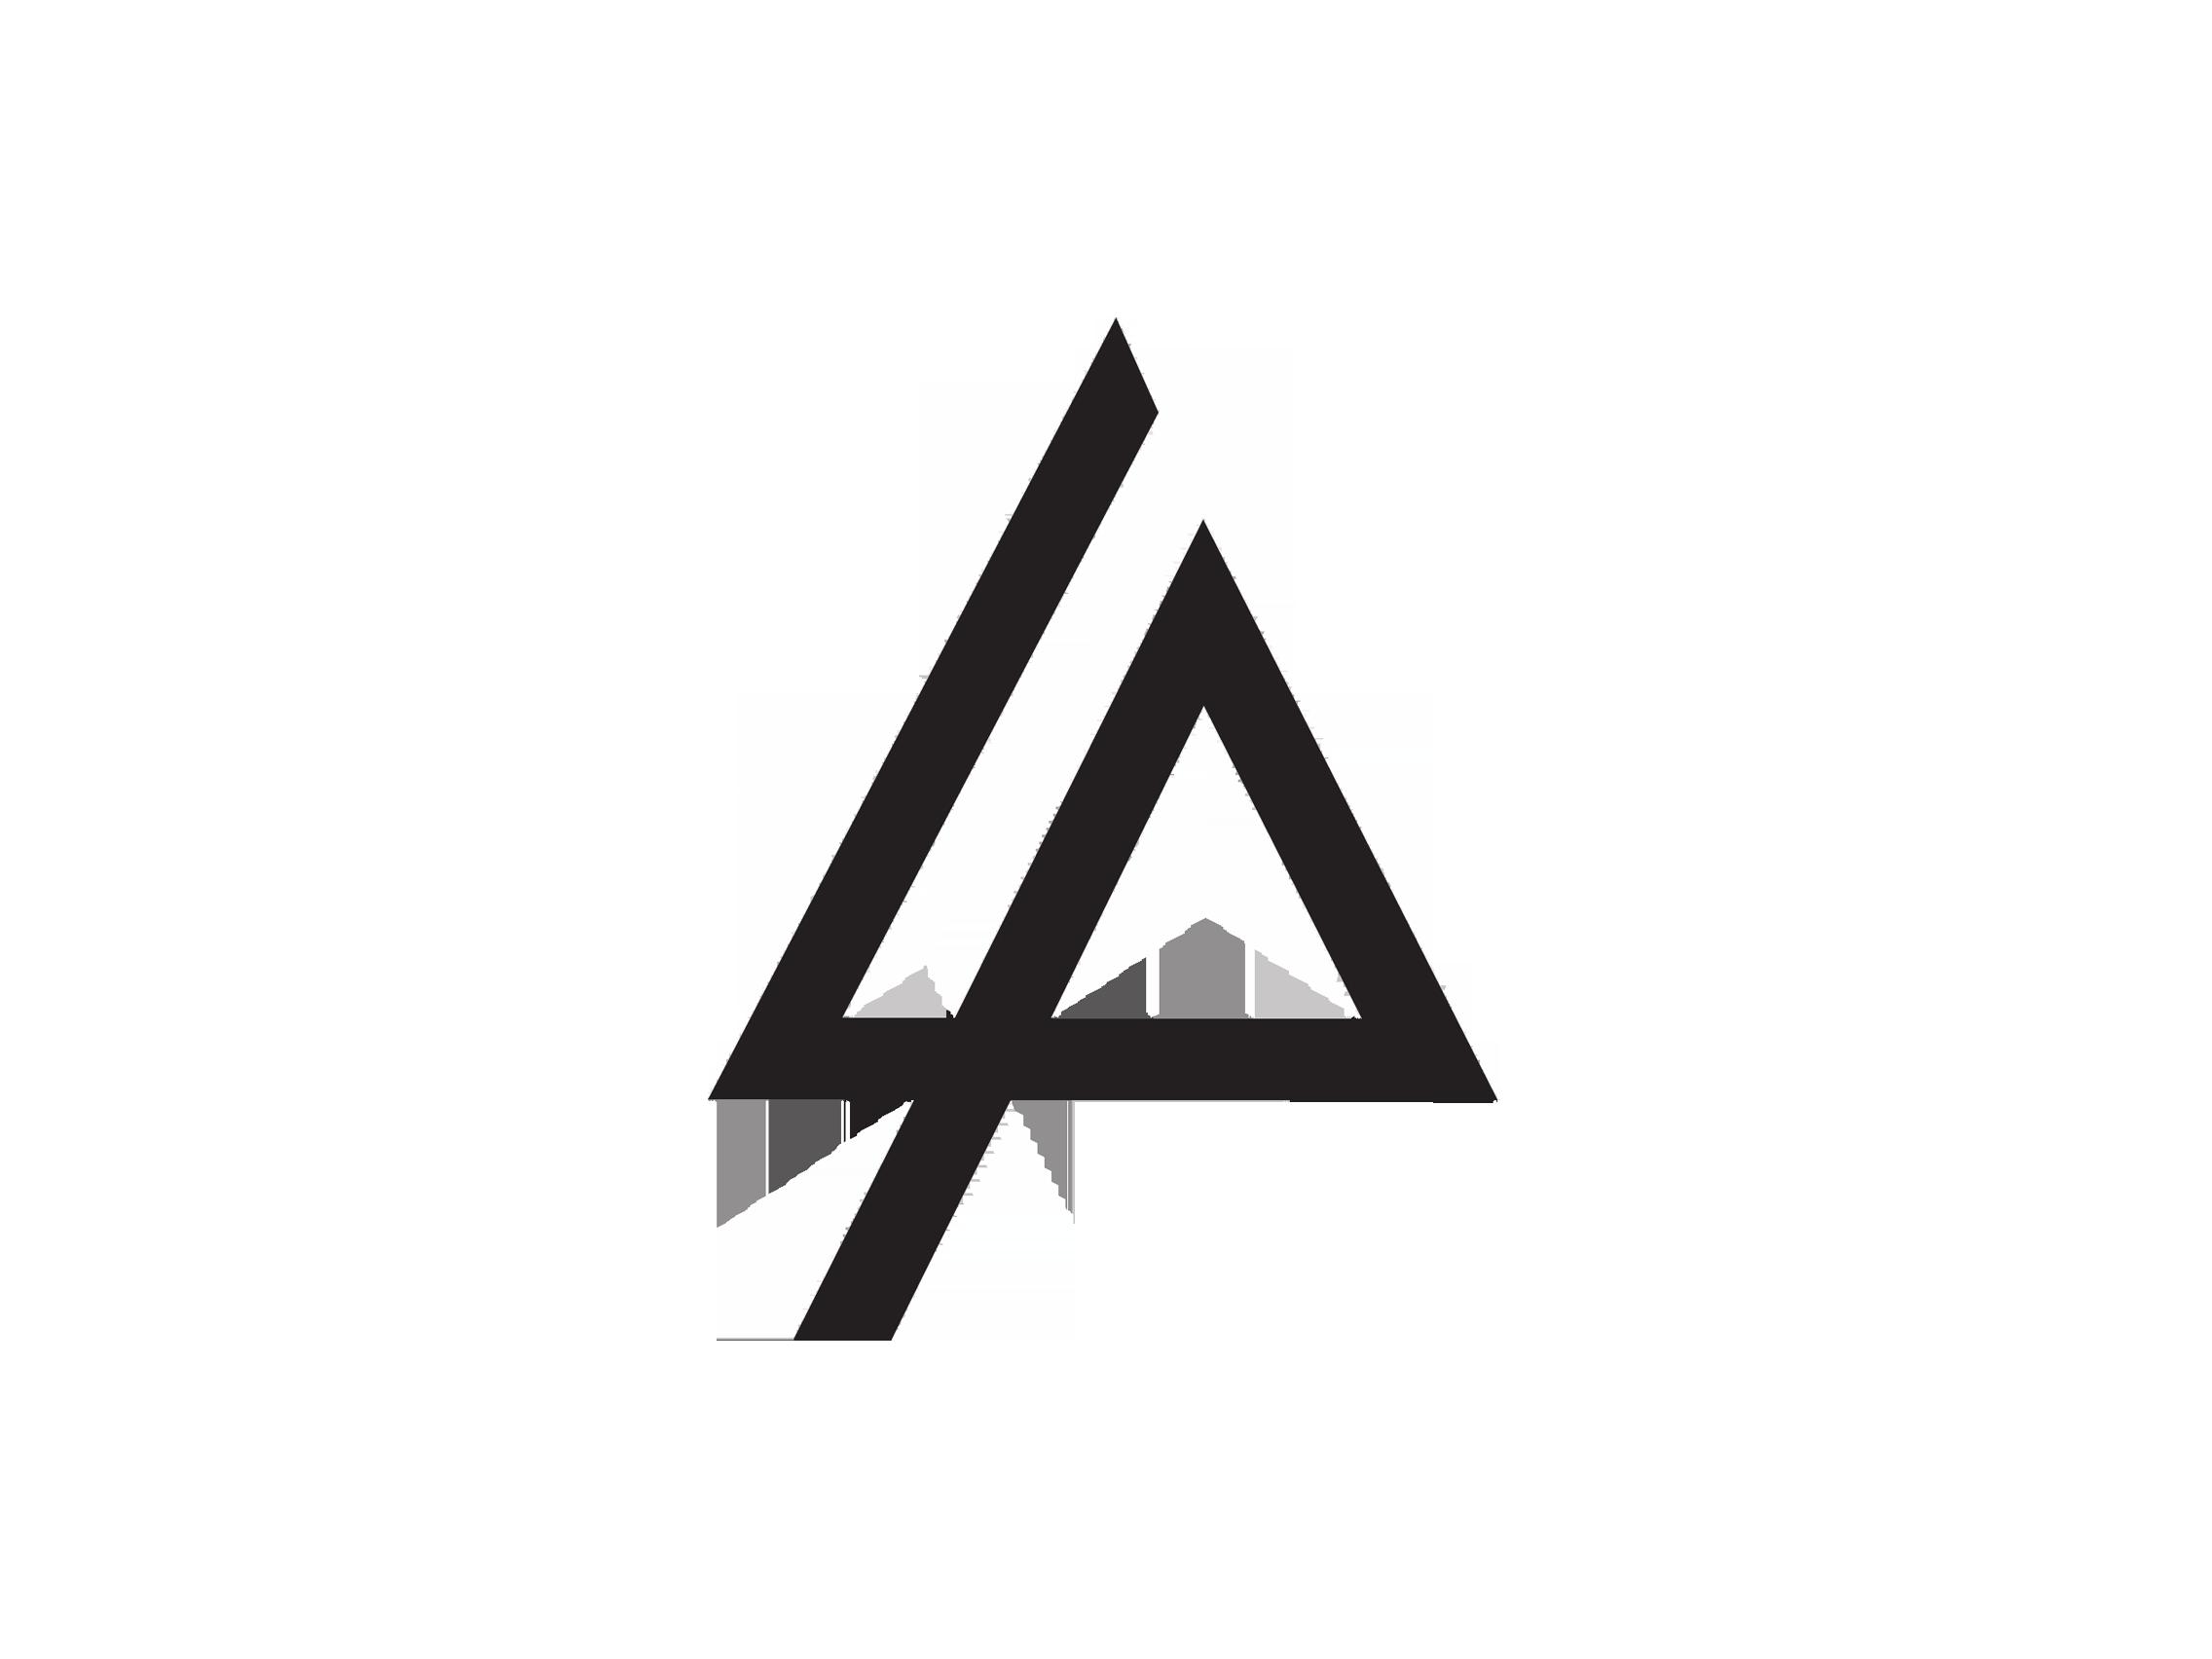 Triangle logo google pinteres triangle logo google more buycottarizona Images